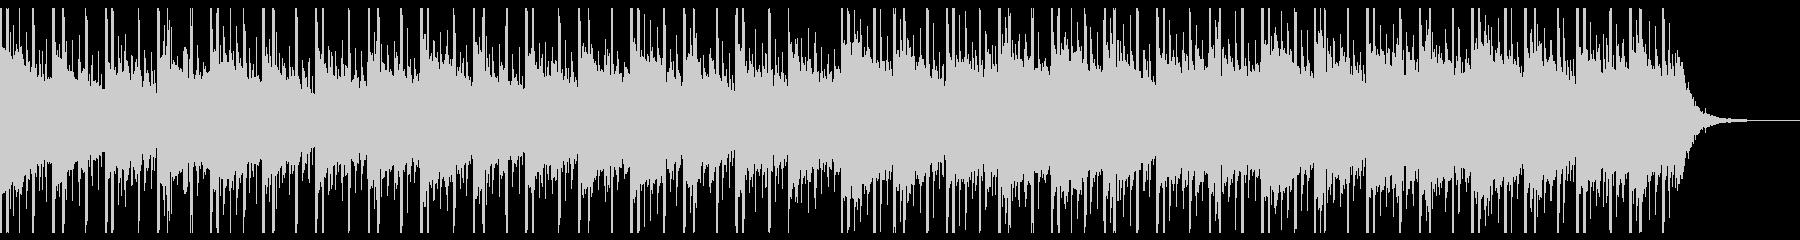 バックグラウンドテクノロジー(中)の未再生の波形